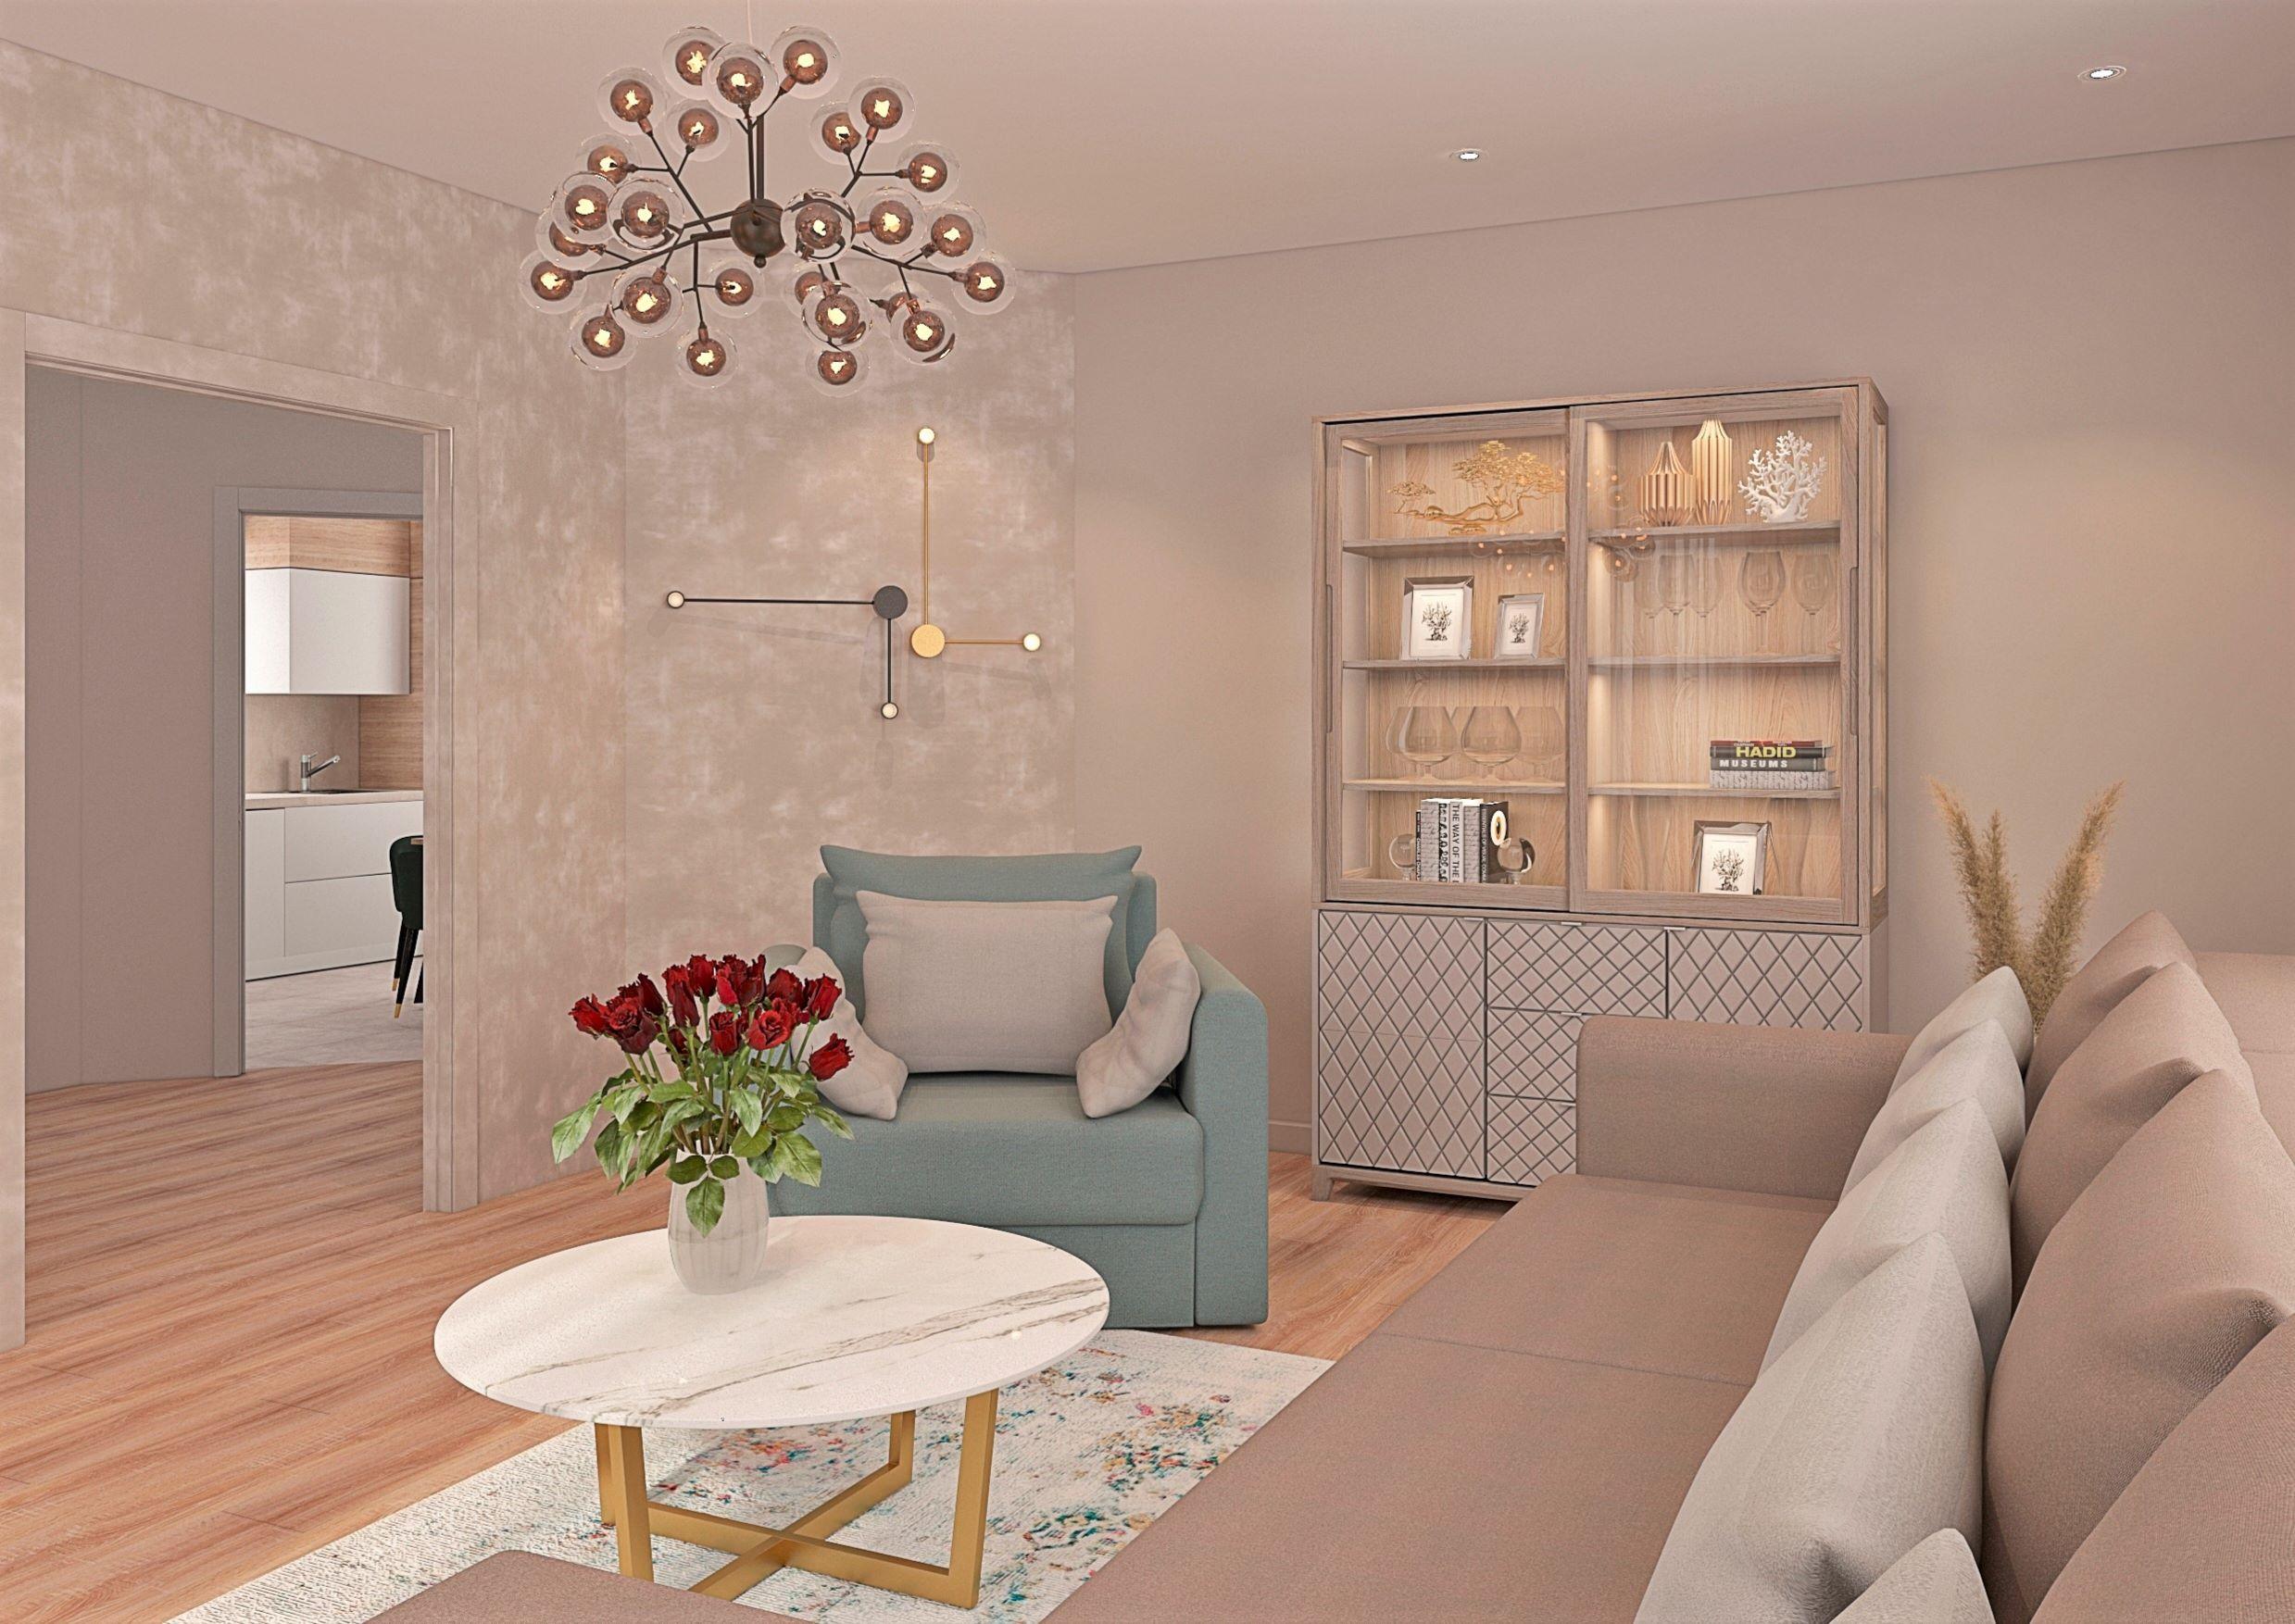 salle de séjour dans une maison privée dans 3d max vray 3.0 image